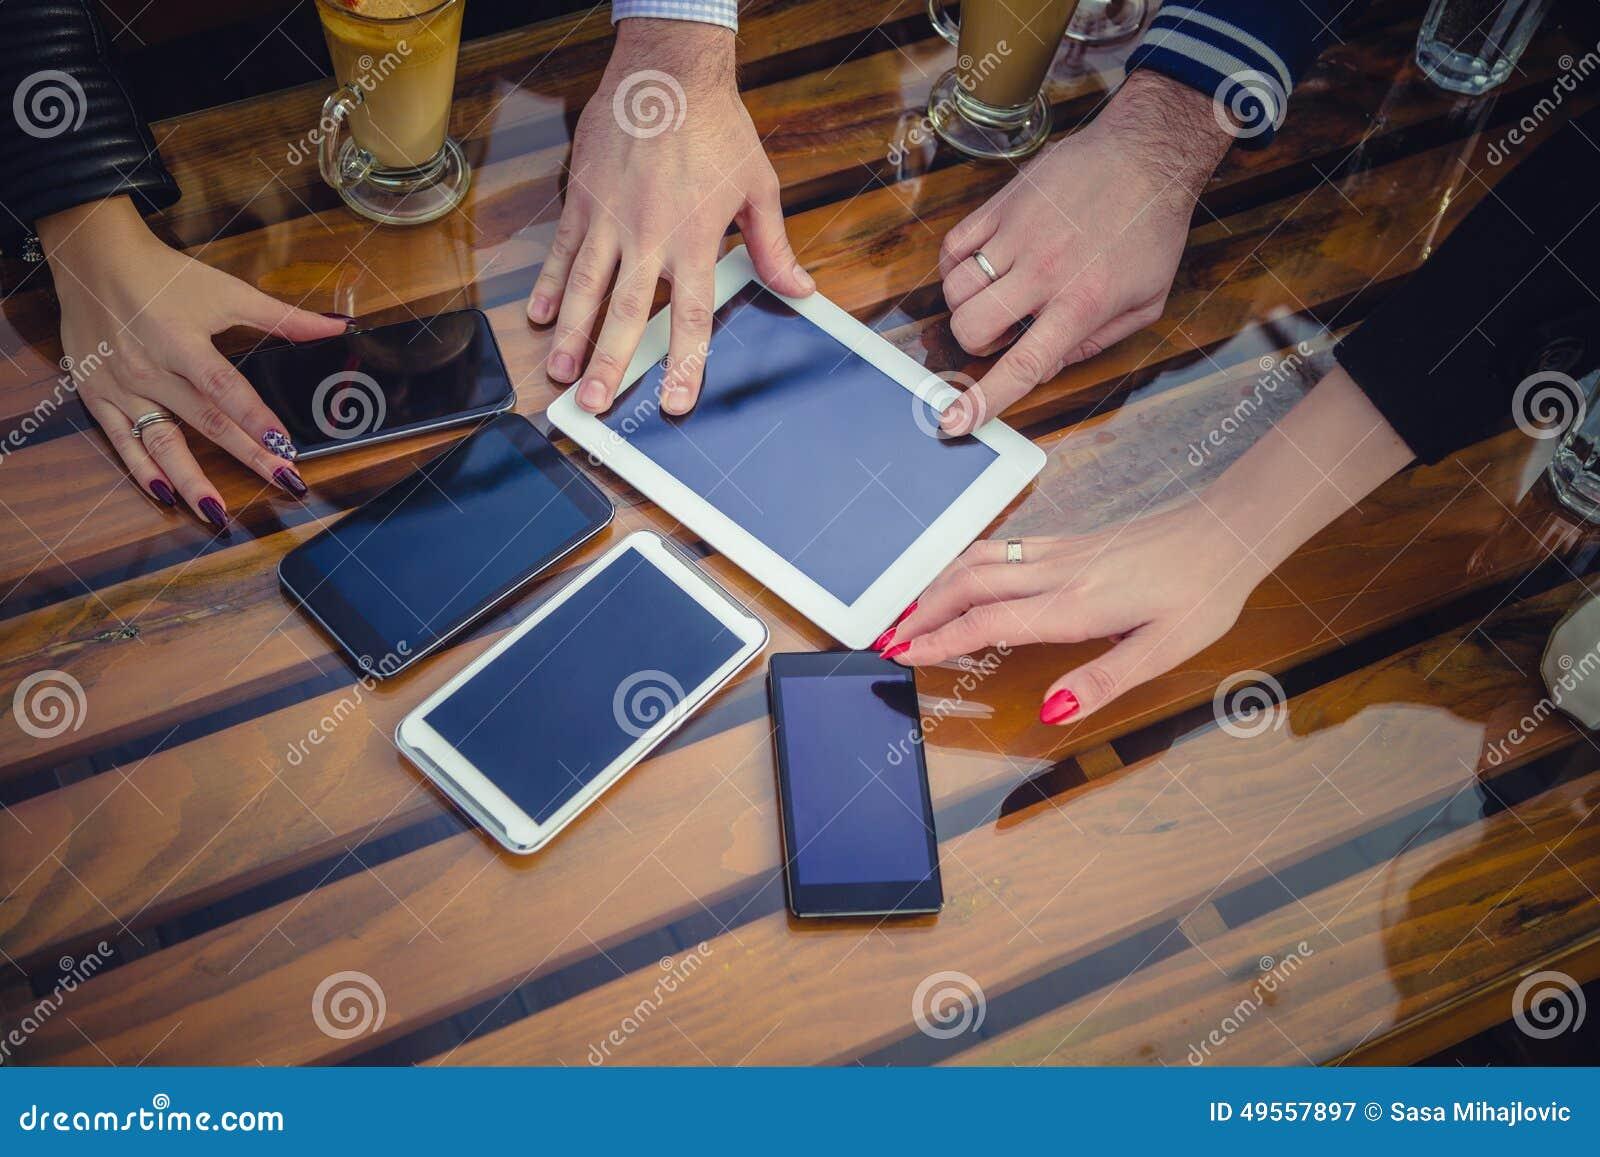 Händer som når för mobiltelefoner och minnestavla